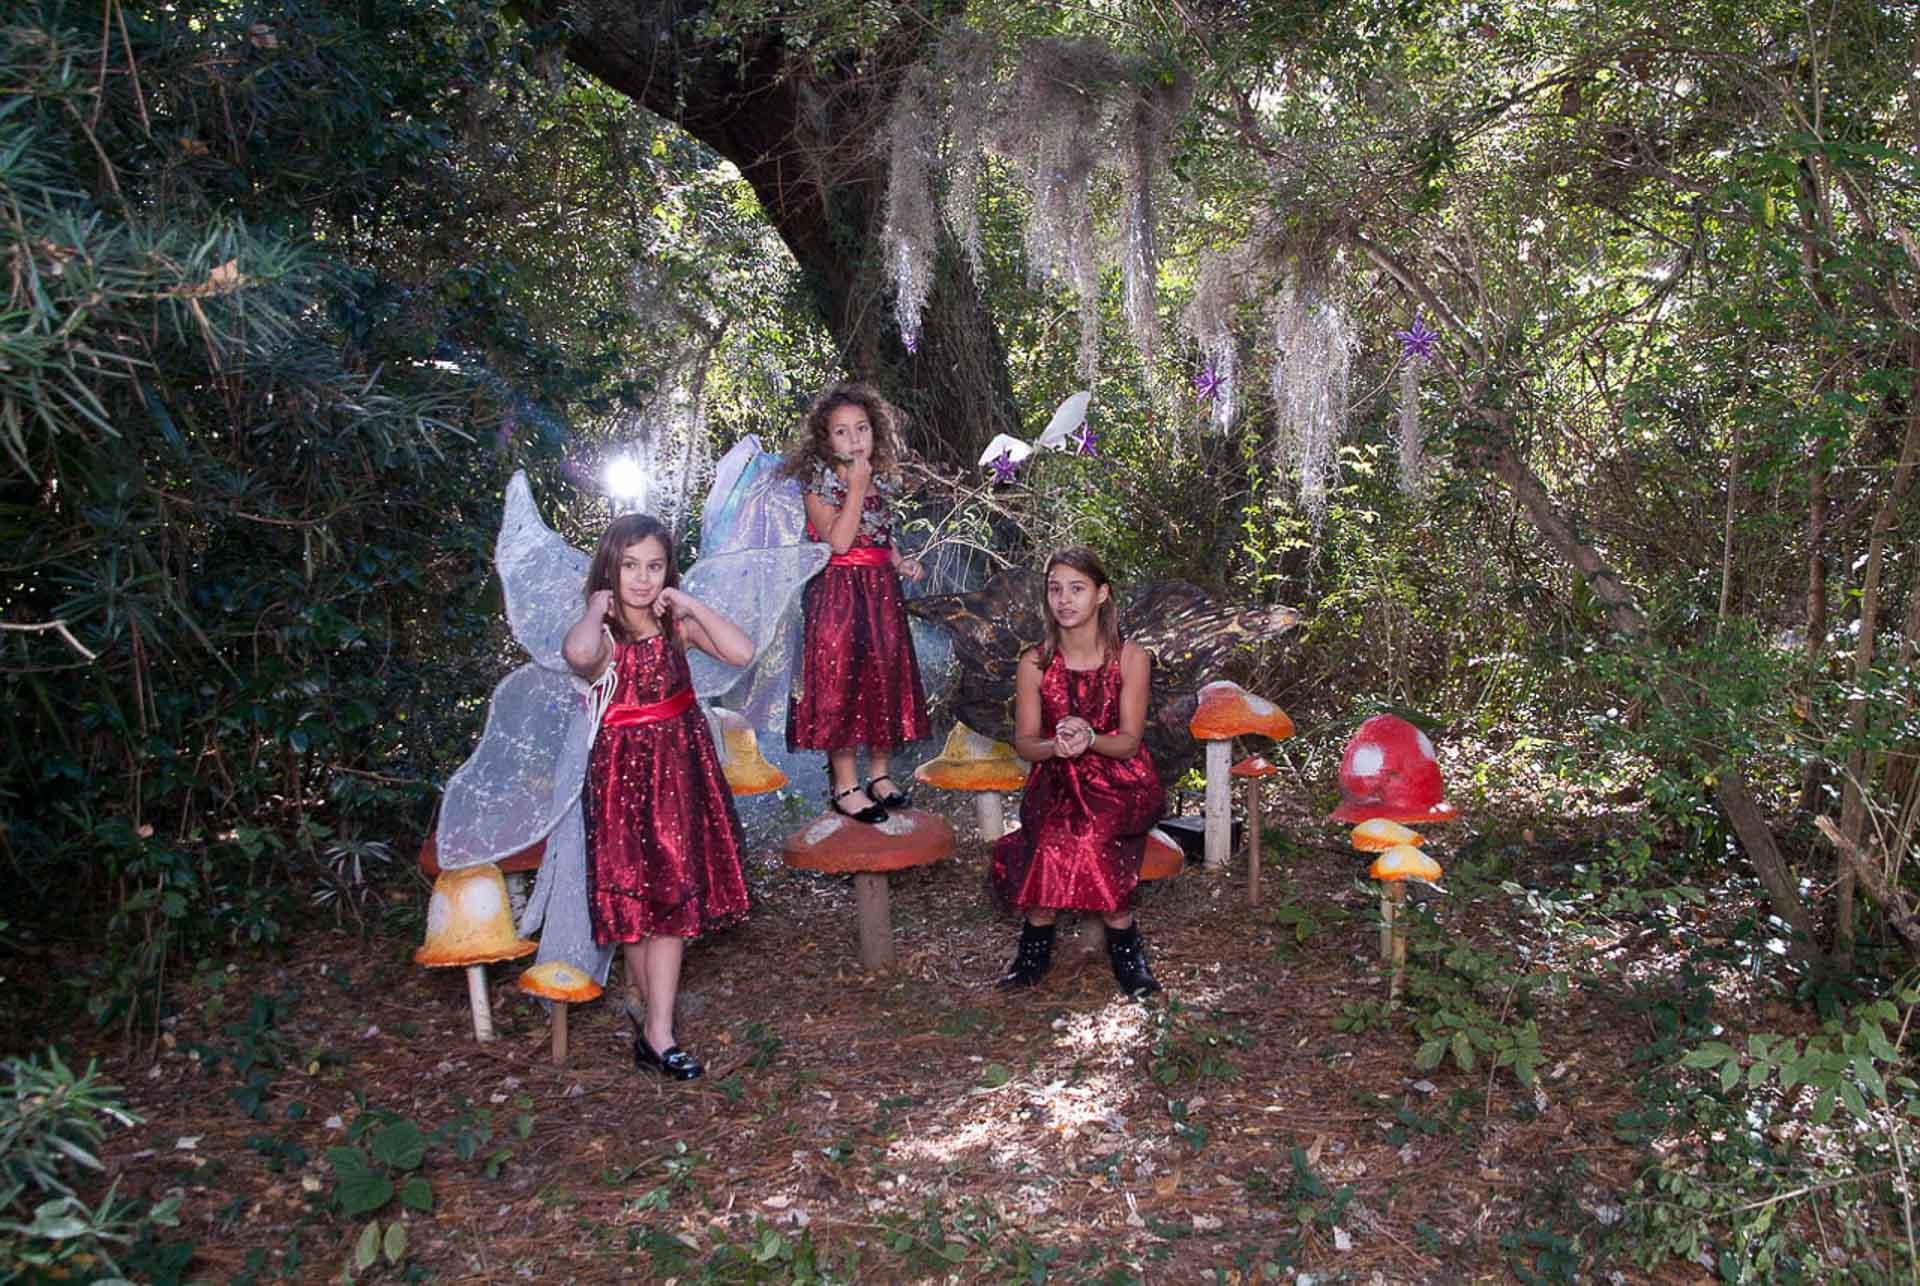 Fairies-playing-in-mushroom-garden-wearing wings-sitting on mushrooms